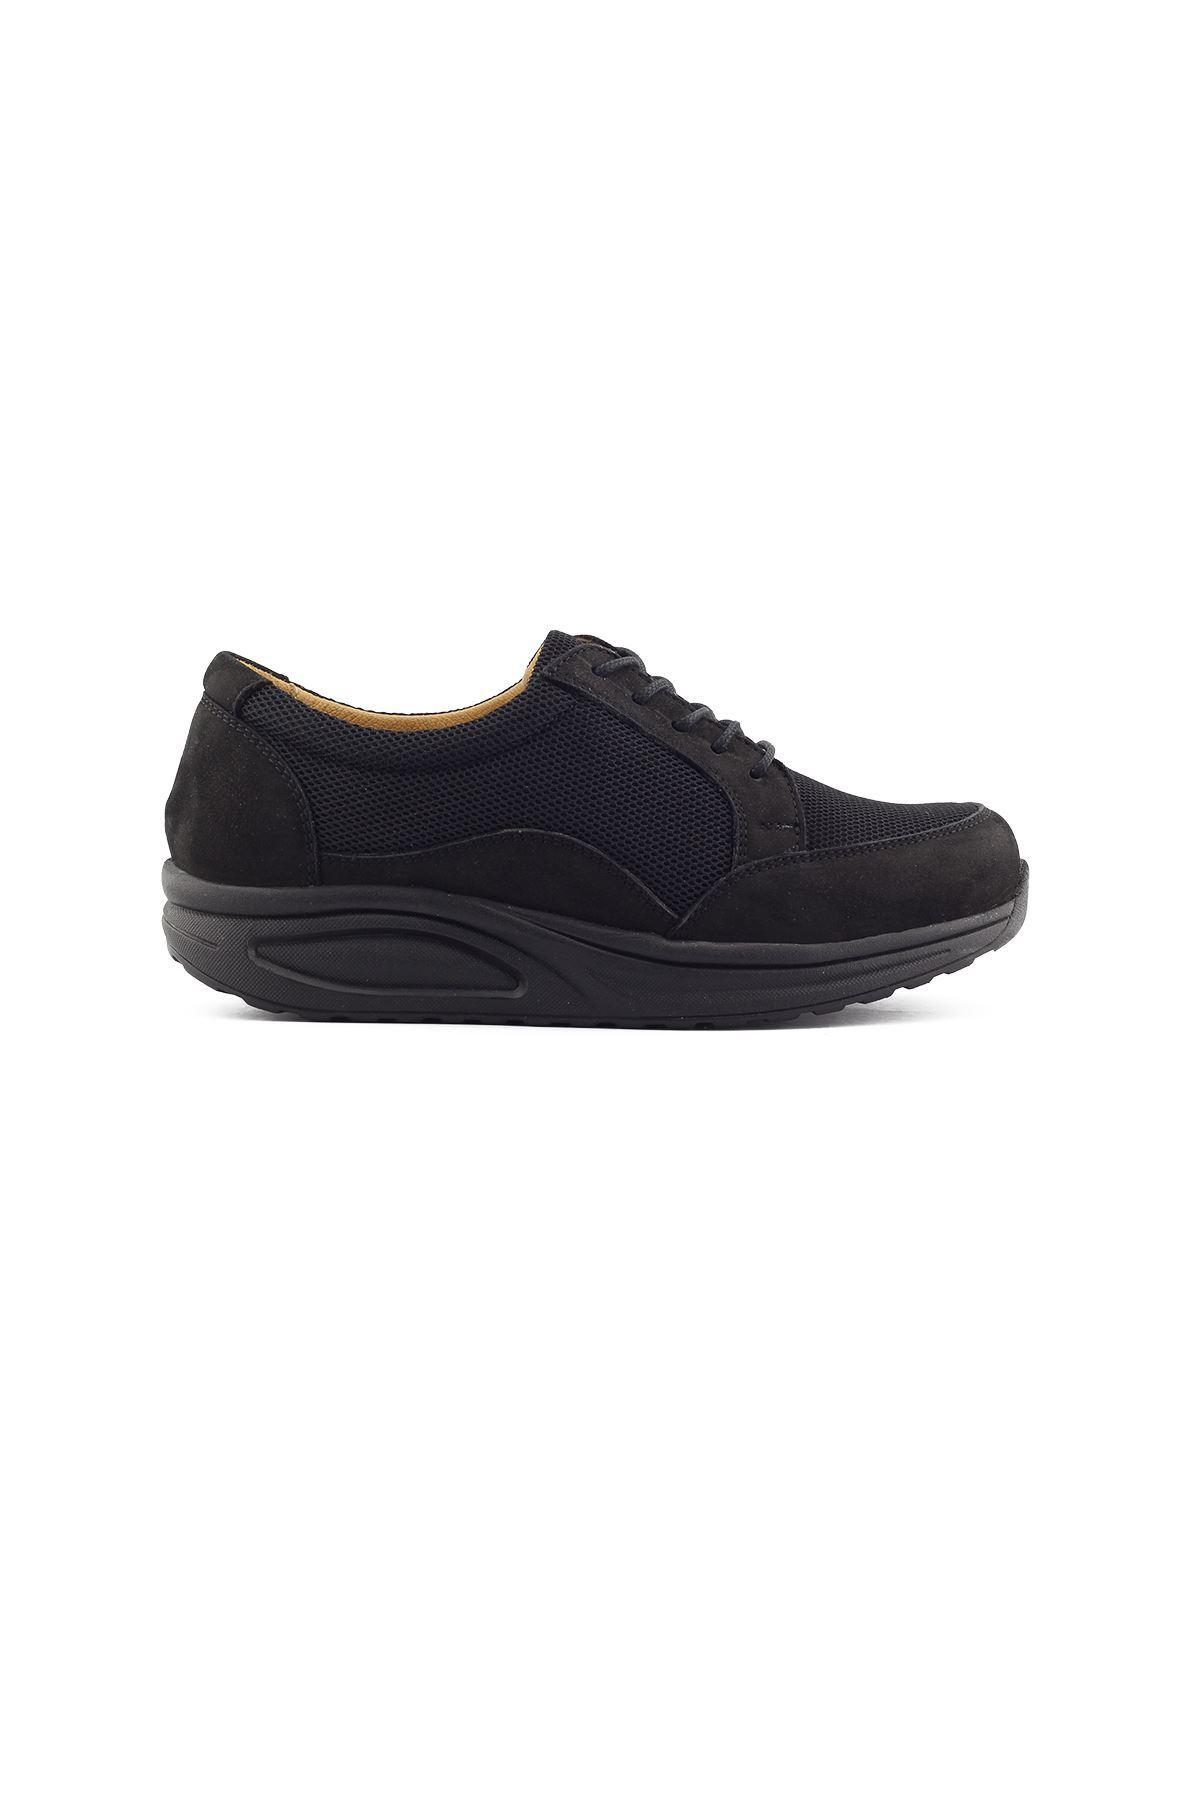 756 Nubuk Siyah Kadın Yürüyüş Ayakkabısı